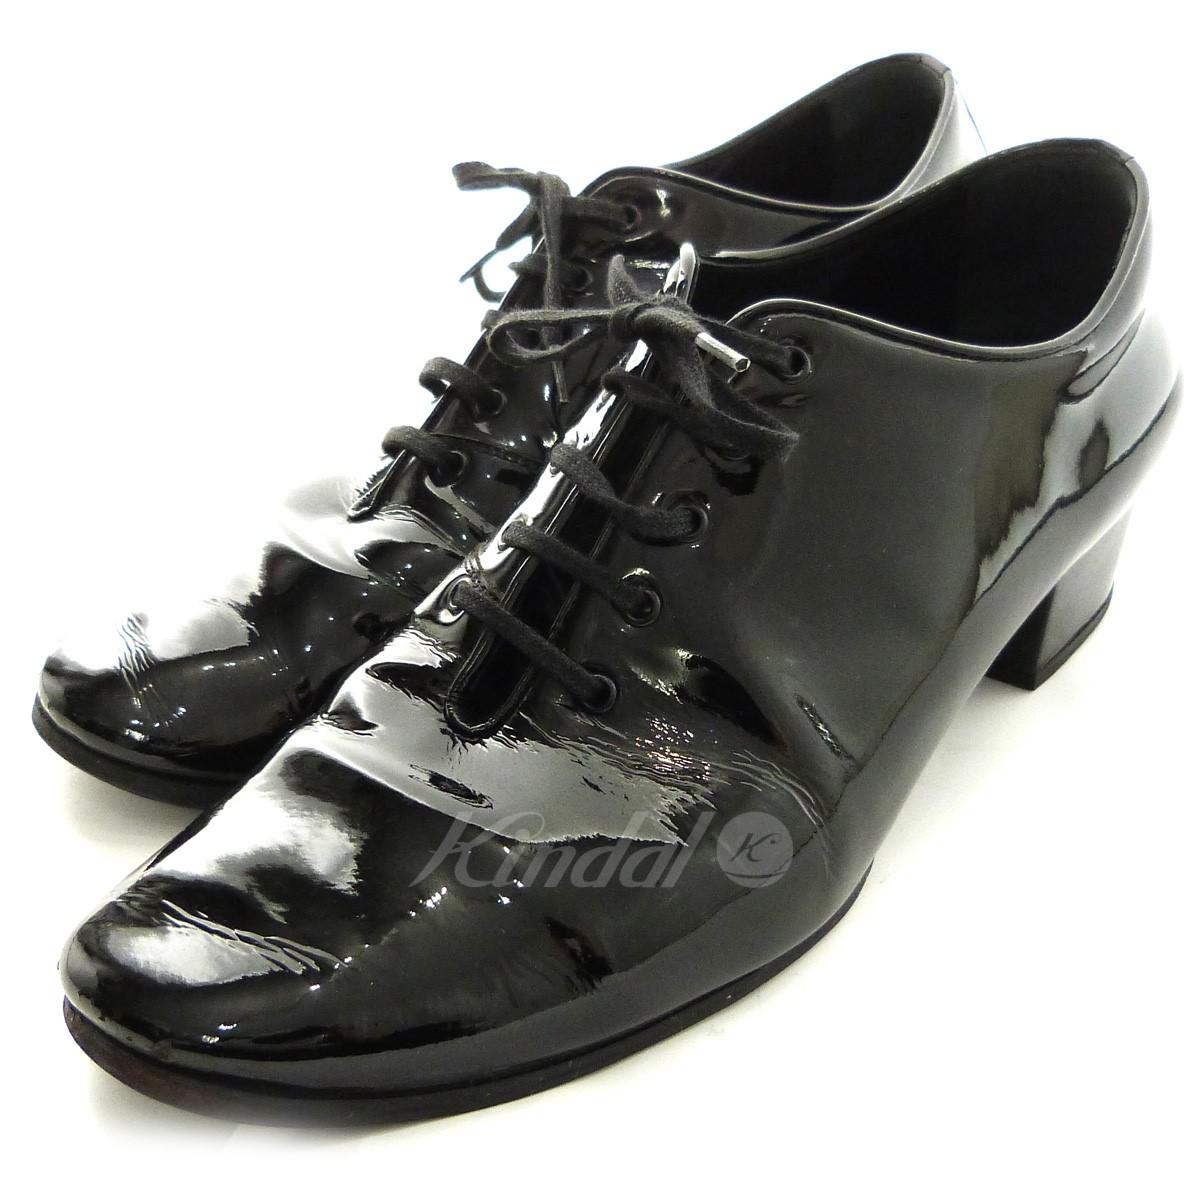 【中古】Dior Homme 07SS タンゴヒールシューズ ブラック サイズ:43 【送料無料】 【120319】(ディオールオム)